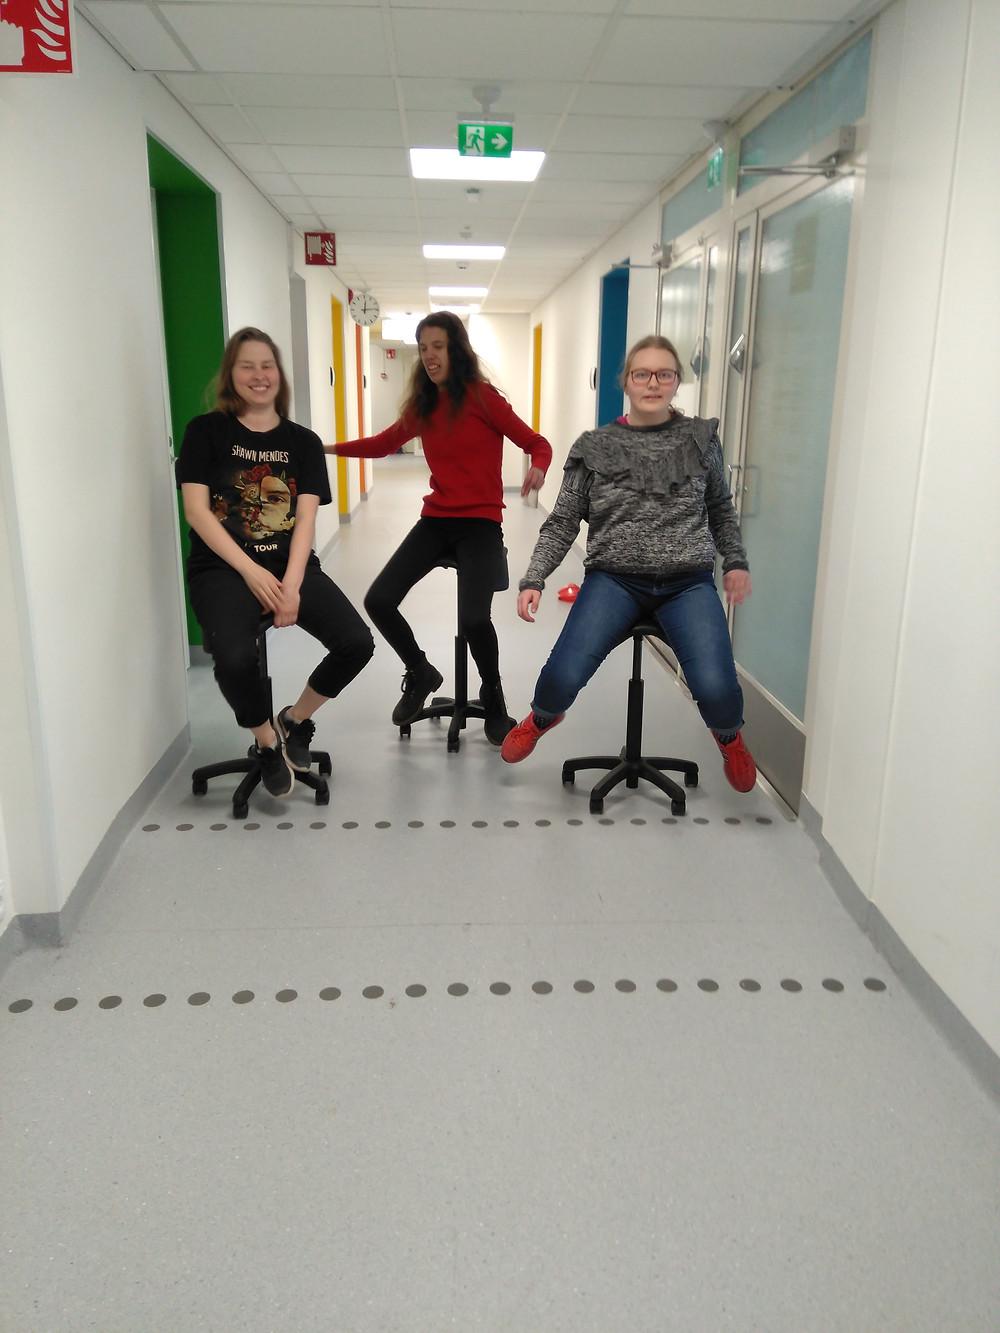 Kolme nauravaa tyttöä tuoleilla käytävällä